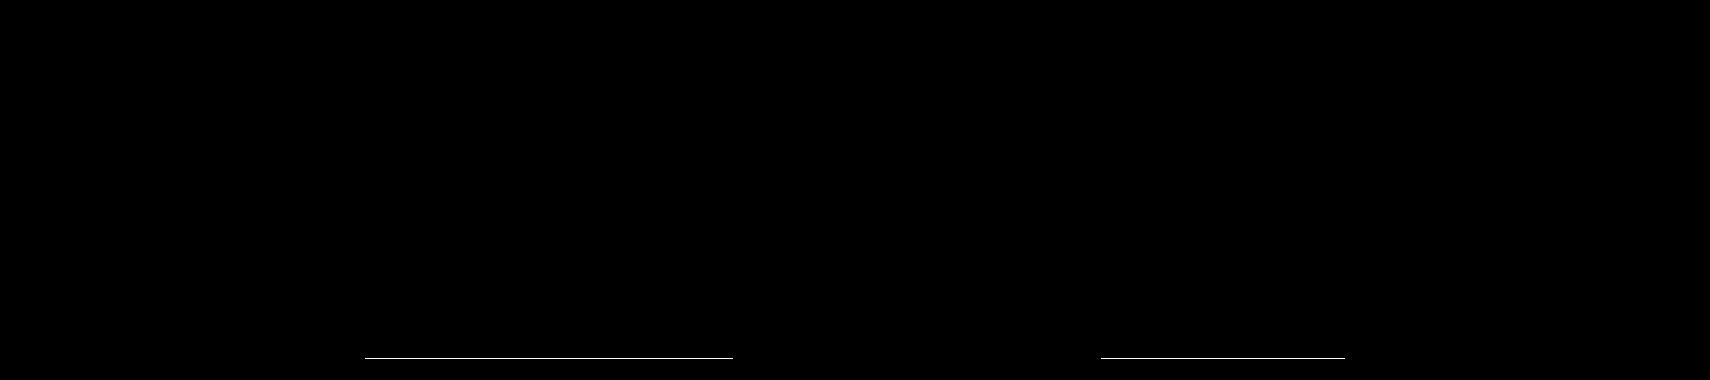 Matras kopen van topmerk Beautyrest